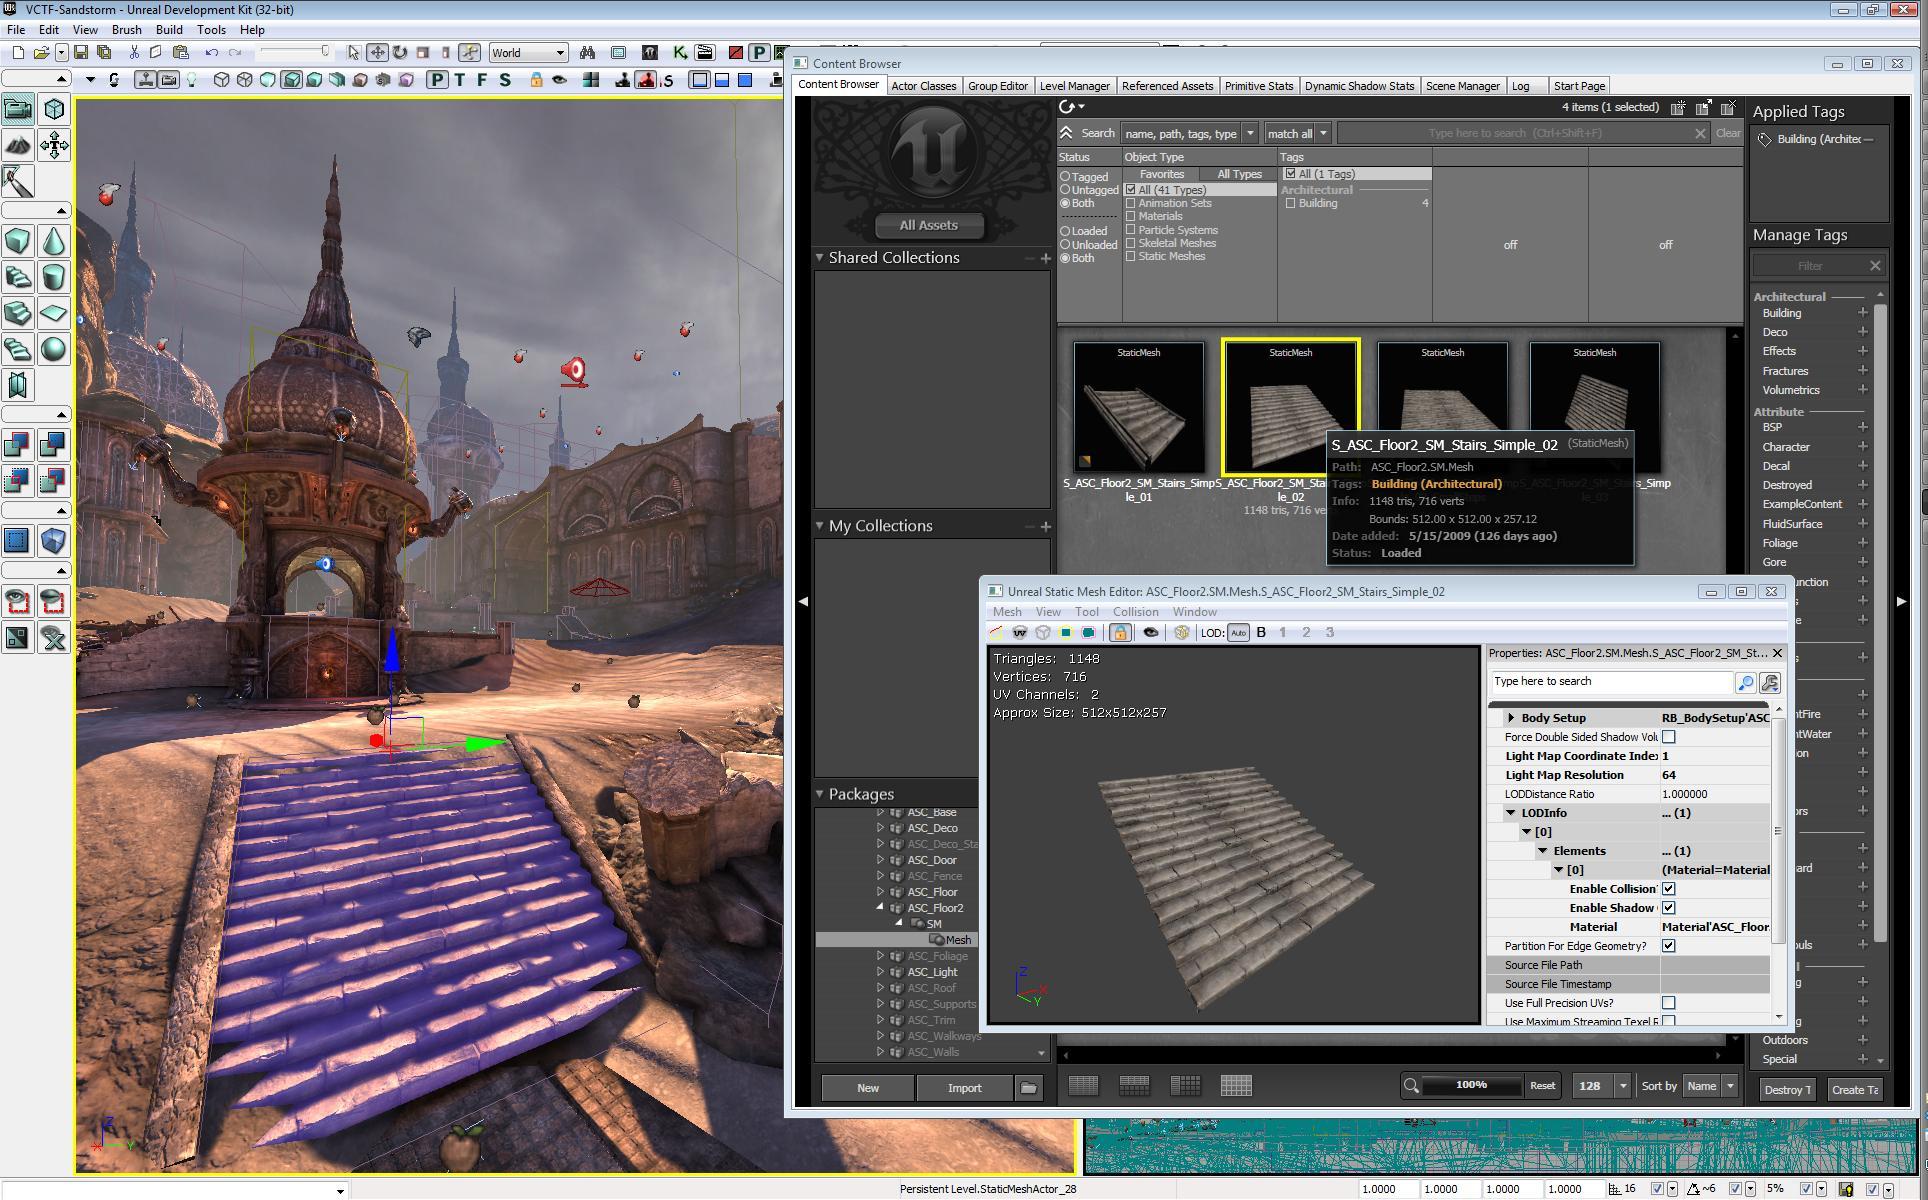 Editing image - Unreal Engine 3 - Indie DB